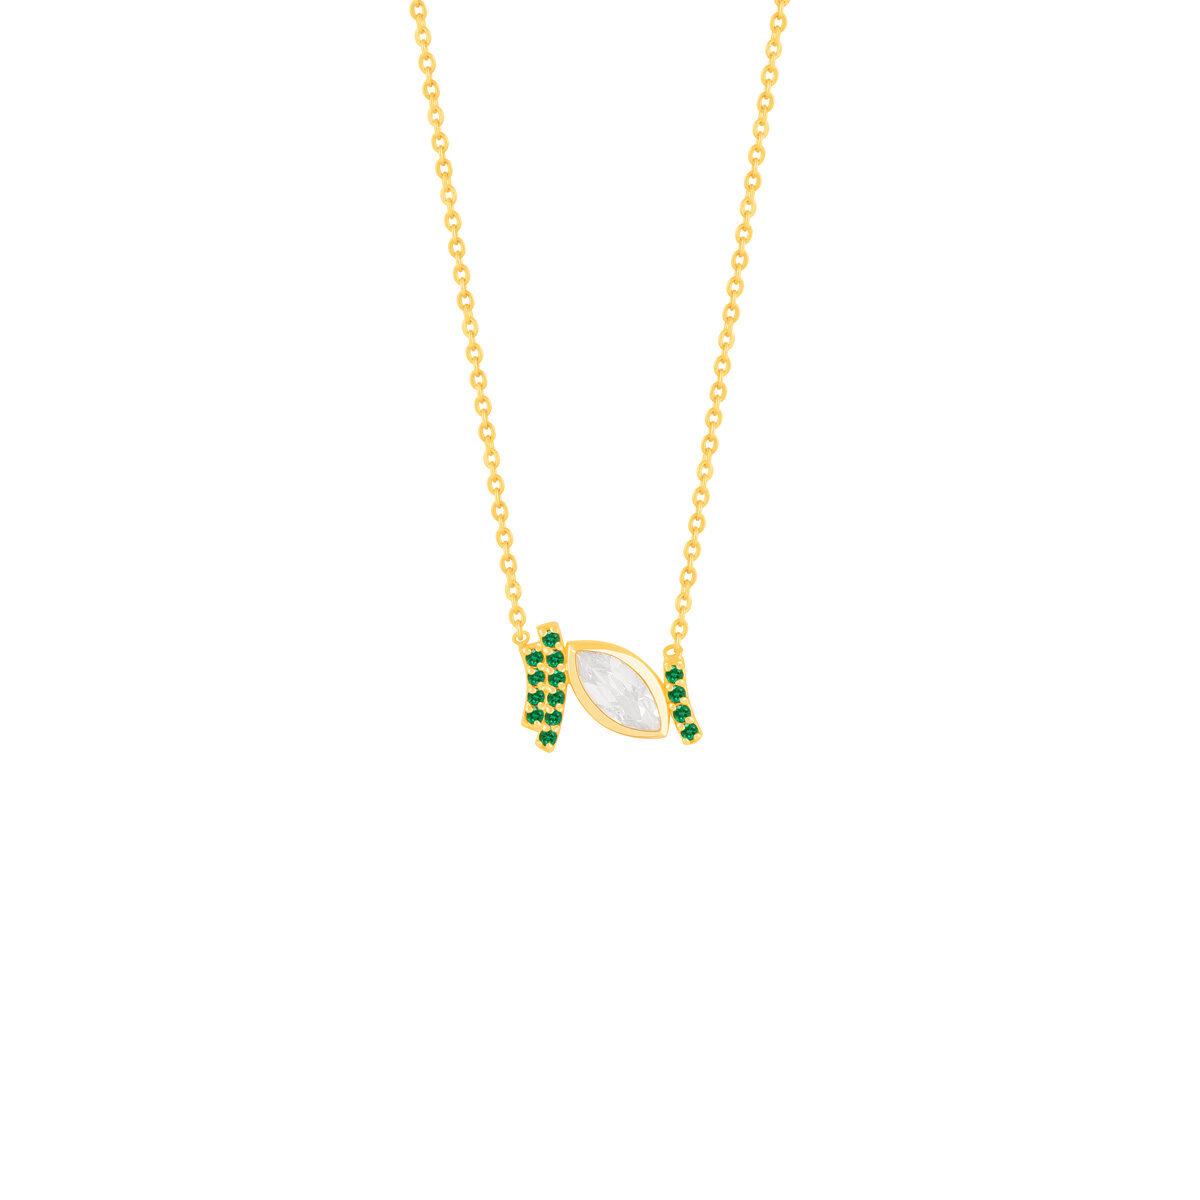 گردنبند طلا اشک سفید و نگین سبز